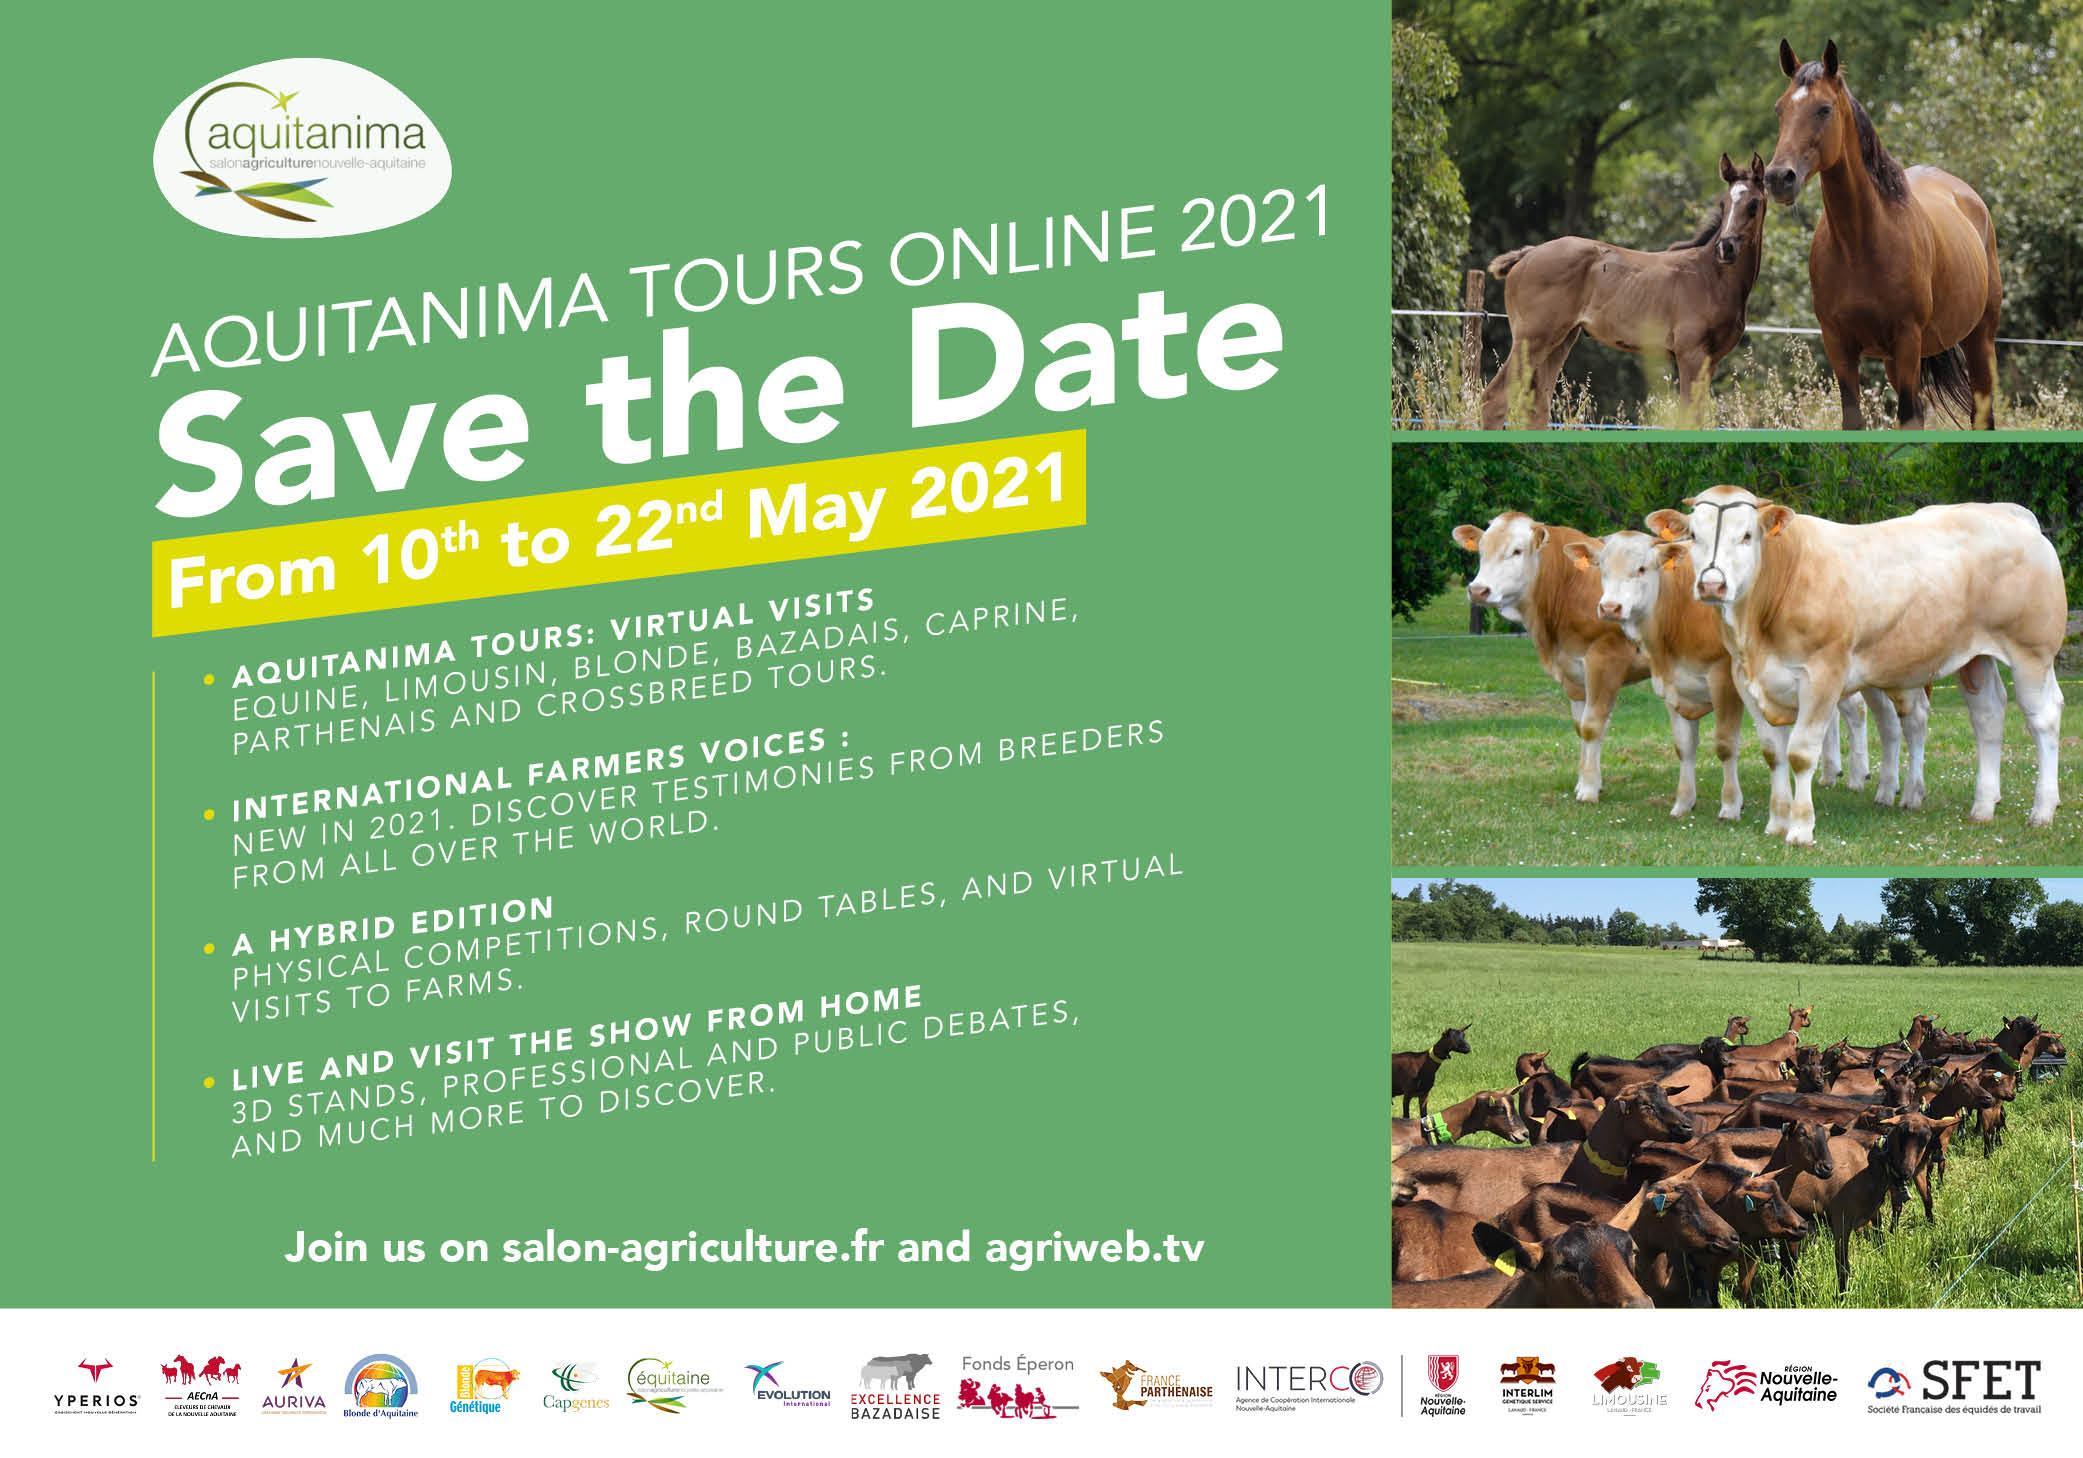 Aquitanima Tours Online 2021 Serie